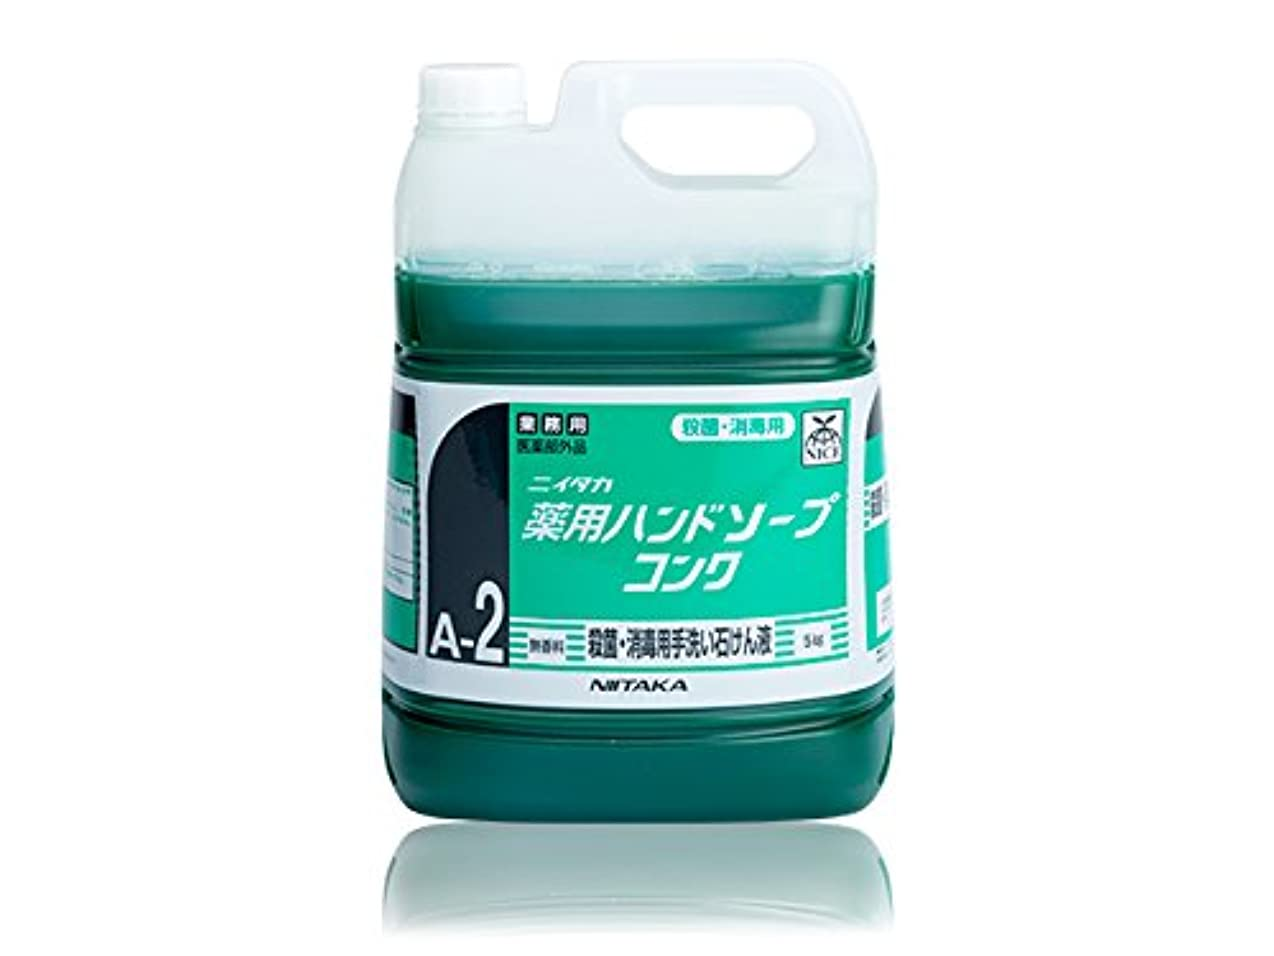 甲虫アーティスト滞在無香料 殺菌?消毒用手洗い石けん液 ニイタカ 薬用ハンドソープコンク 5KX3本